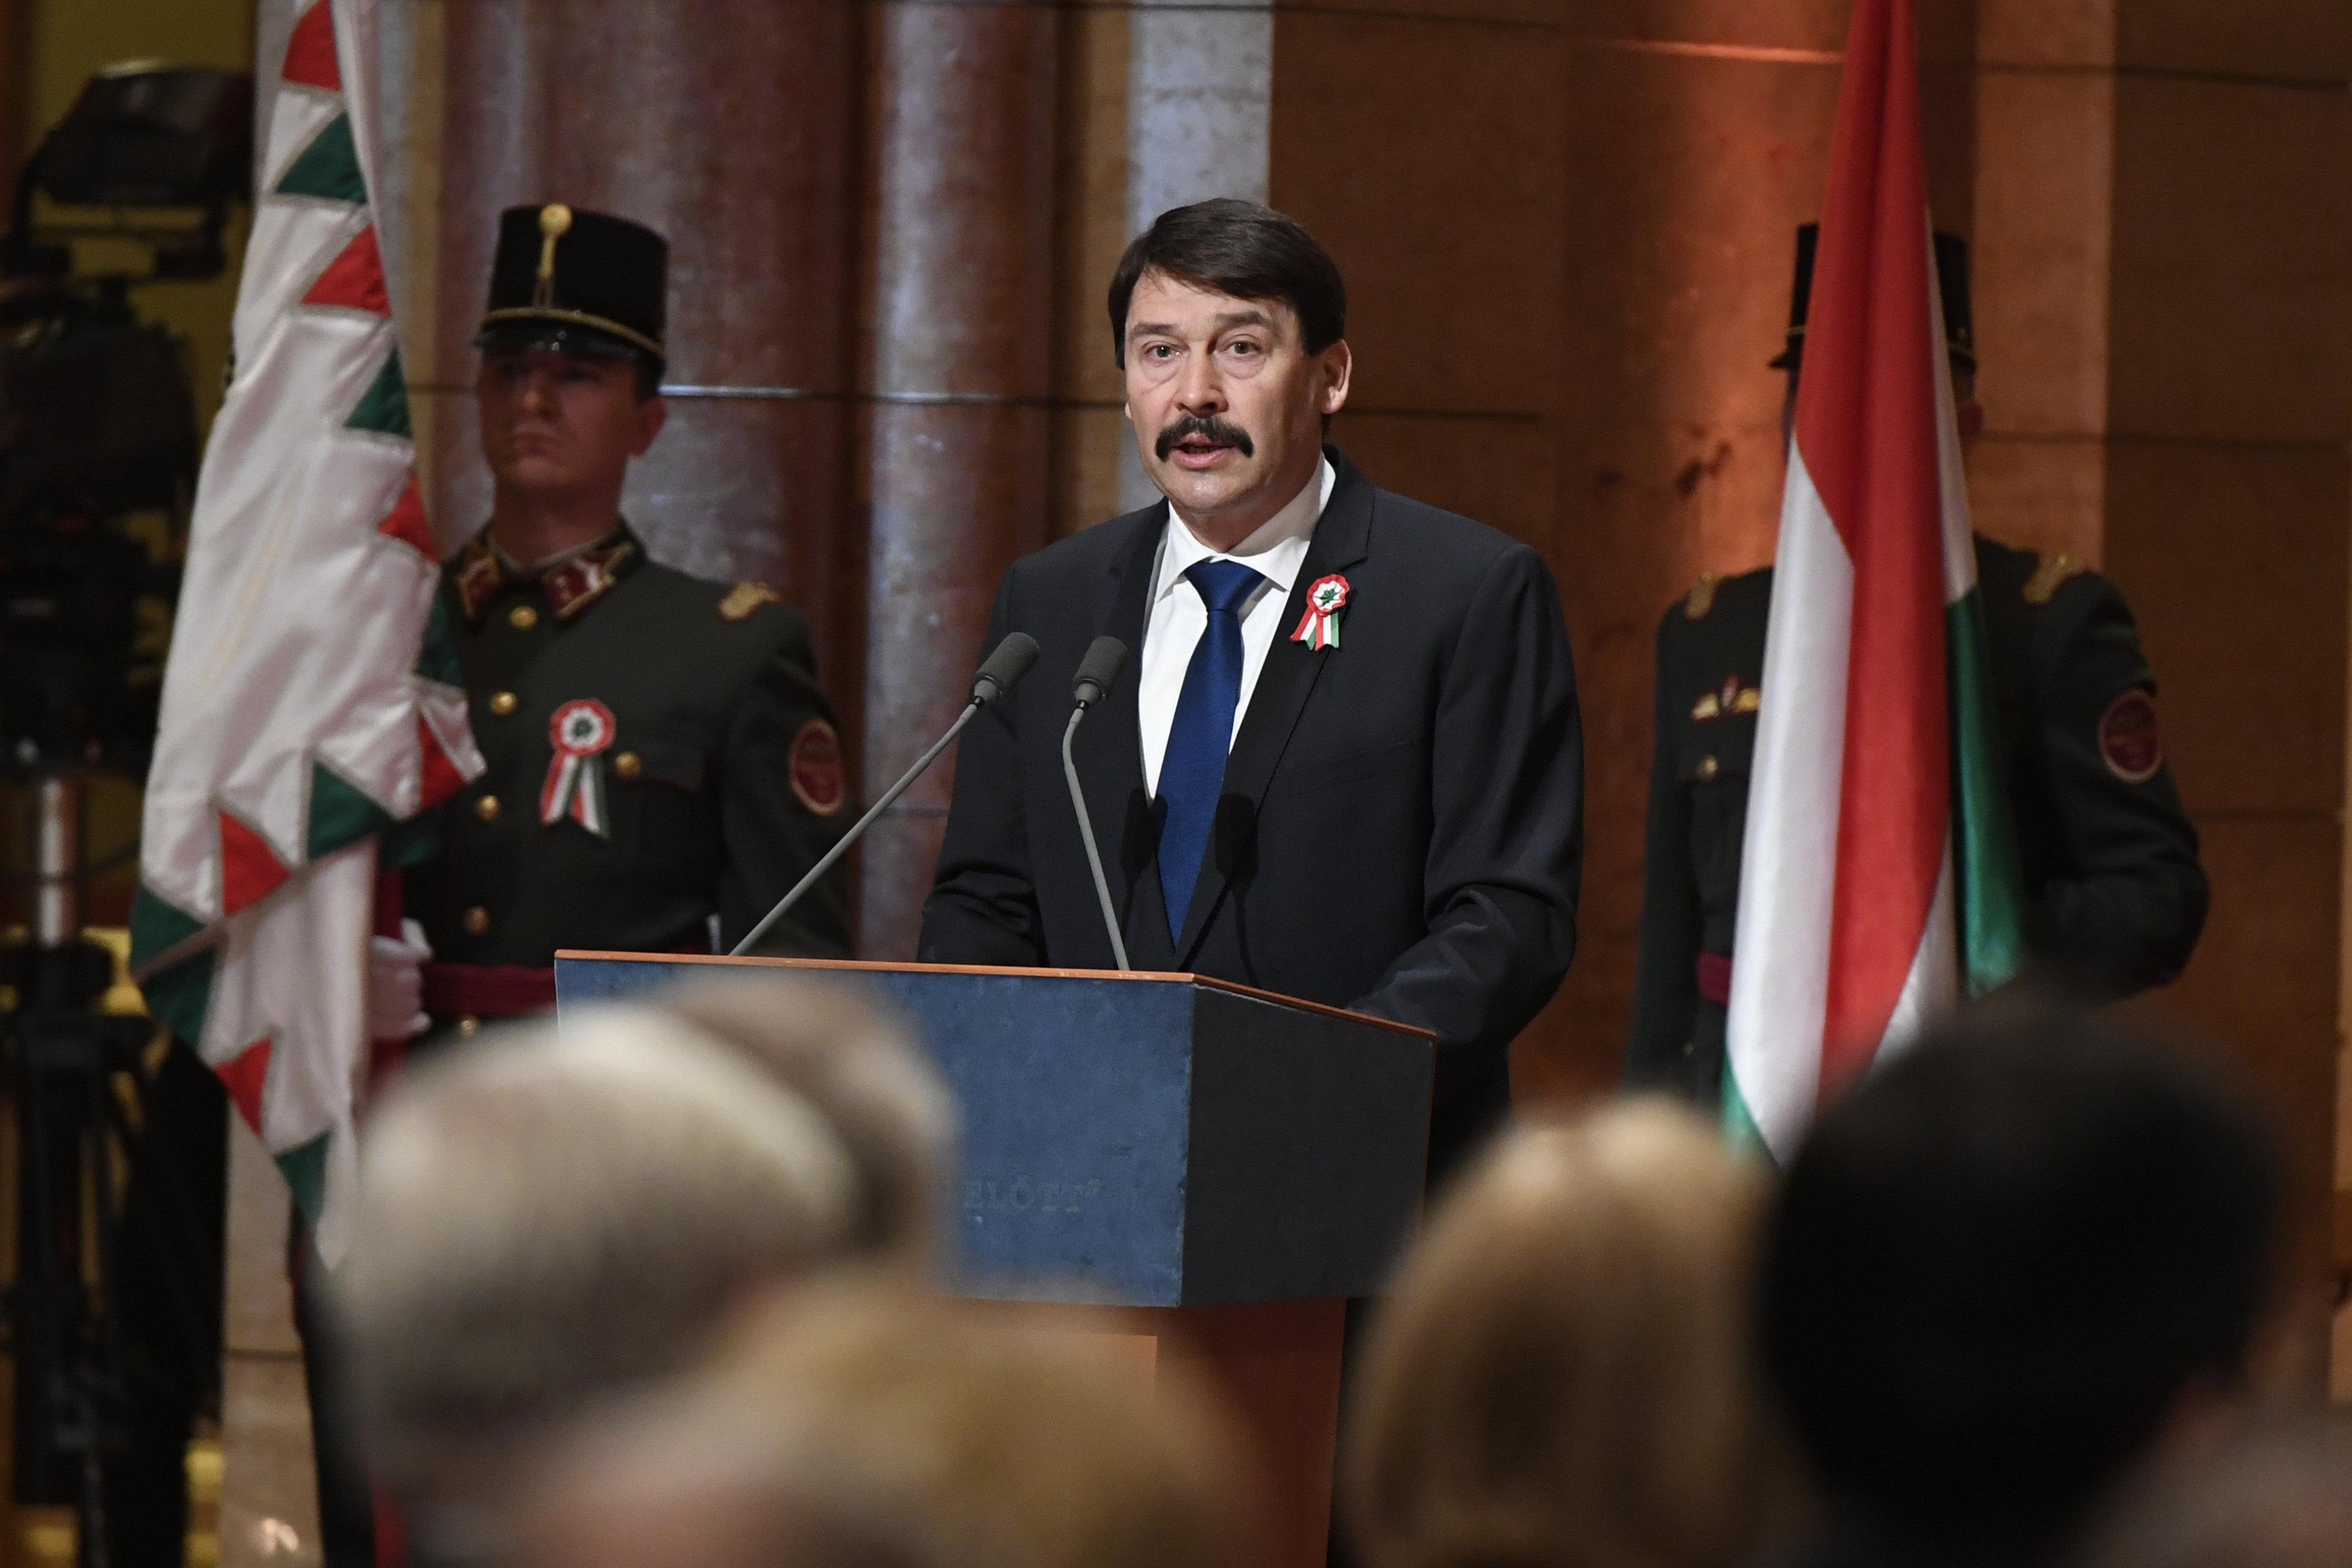 Kardiológus és turkológus is Széchenyi-díjat kapott a nemzeti ünnep alkalmából